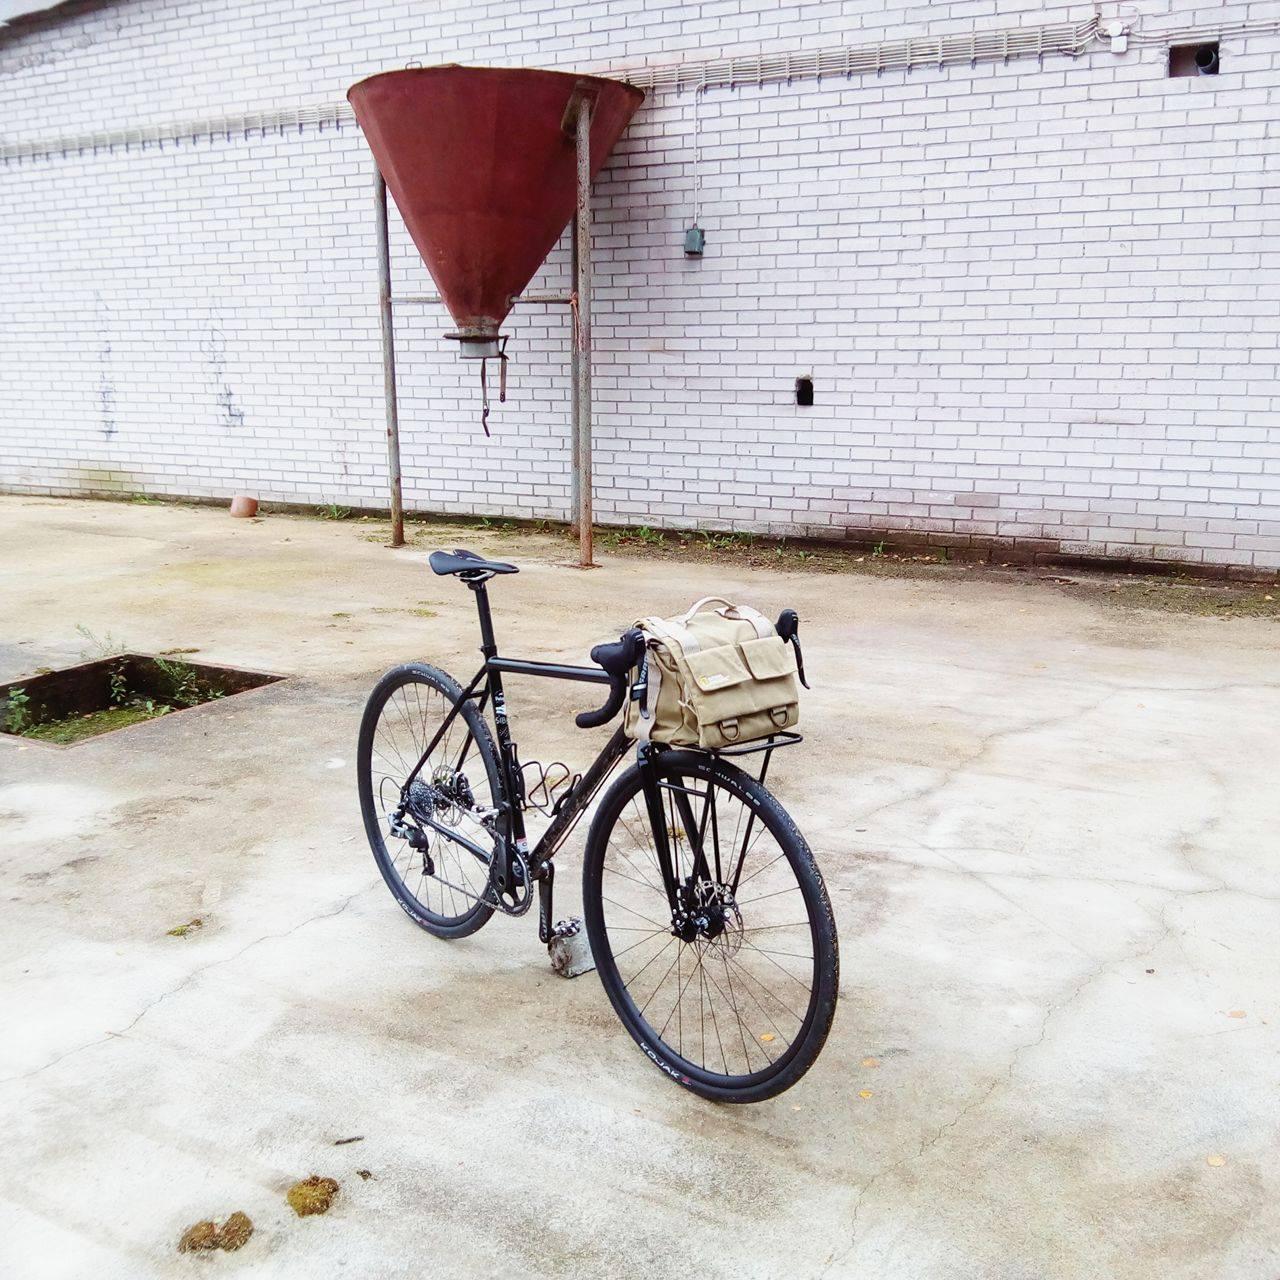 Yksivaihde Laukku : Pelago bicycles ? yksivaihde